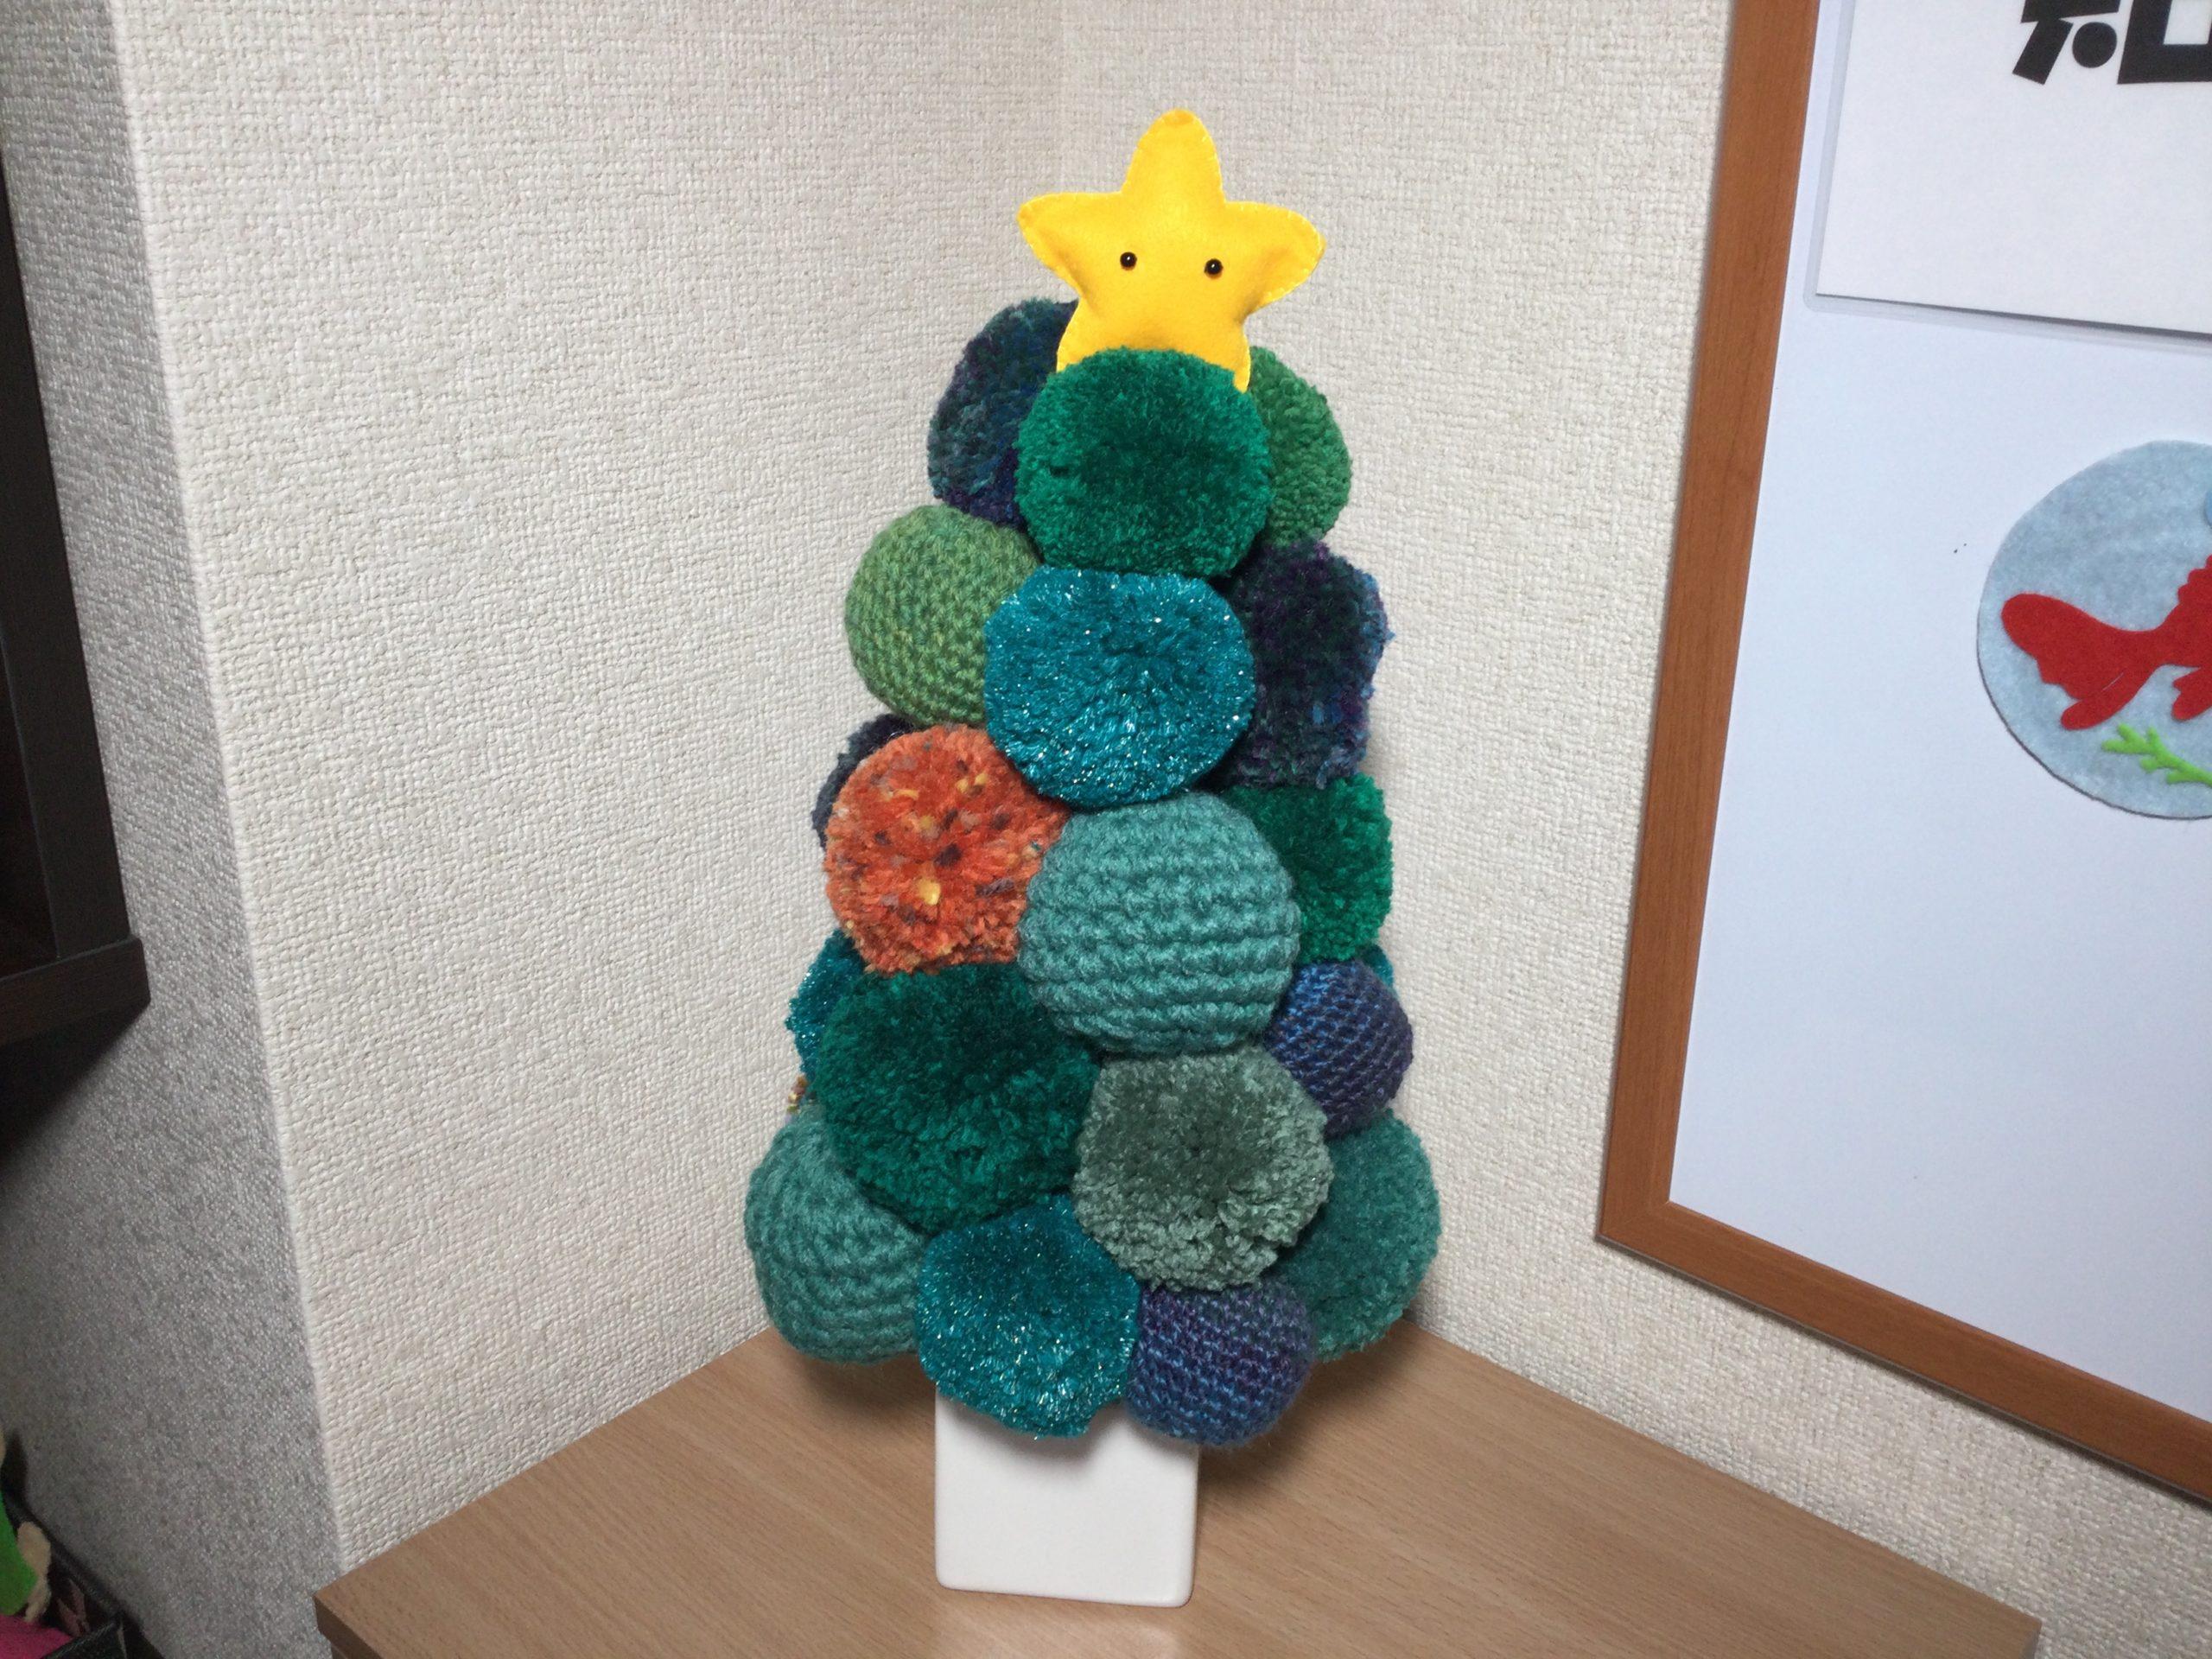 【嫁ブログ】手作り・ボンボンクリスマスツリー 発泡スチロール編 その2 ツリーを作る〔126〕